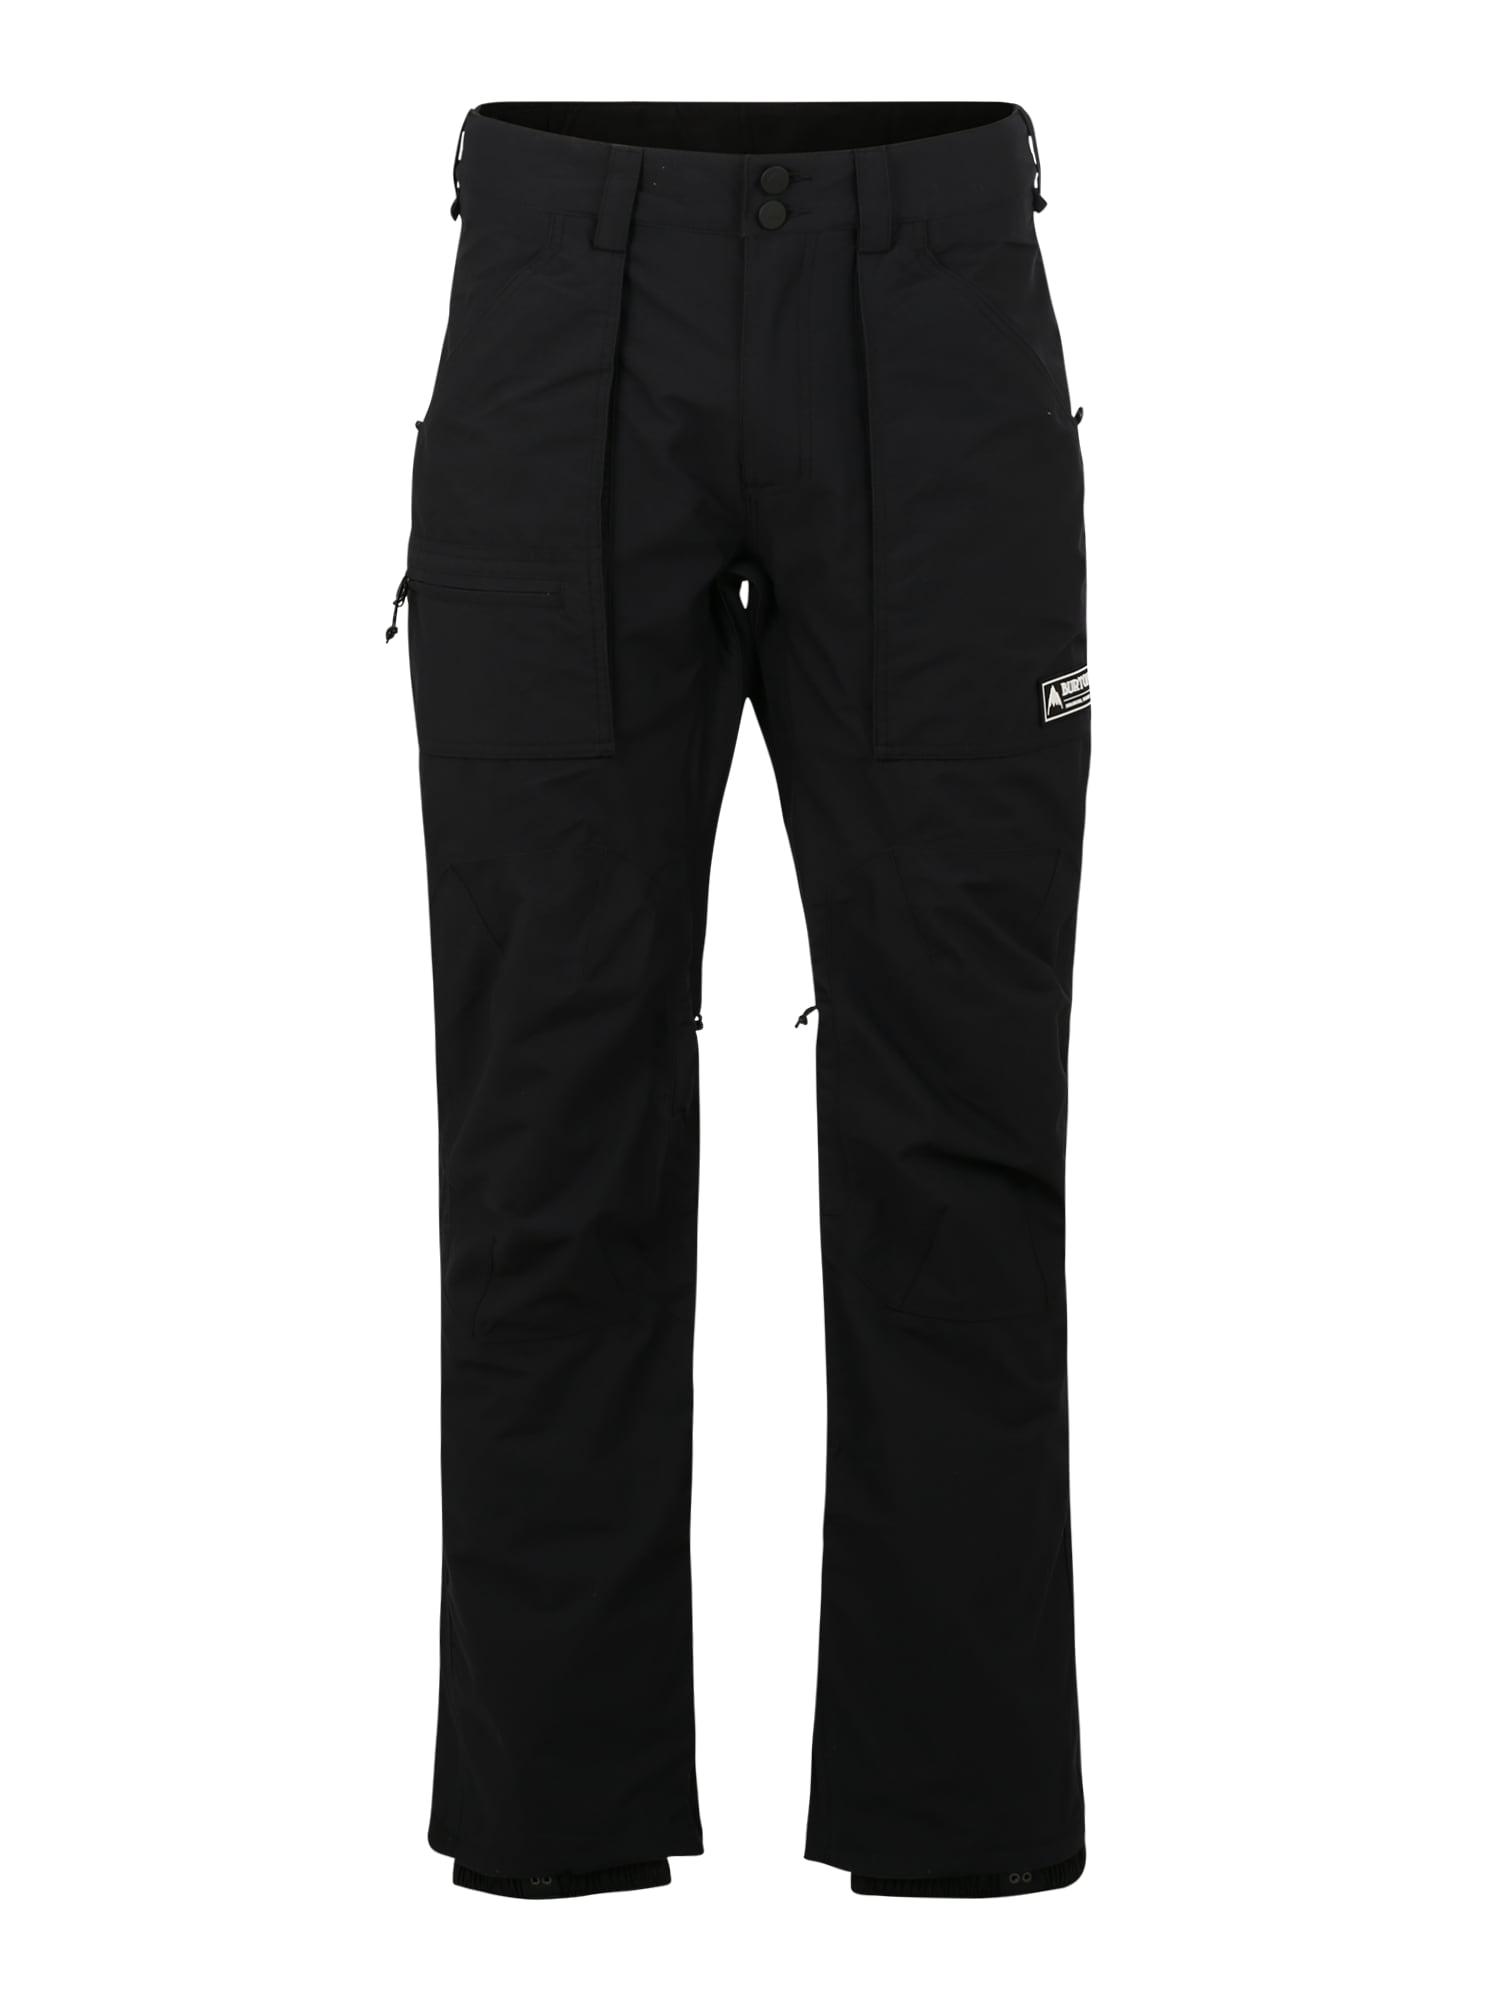 BURTON Laisvalaikio kelnės 'Men's Southside Pant' juoda